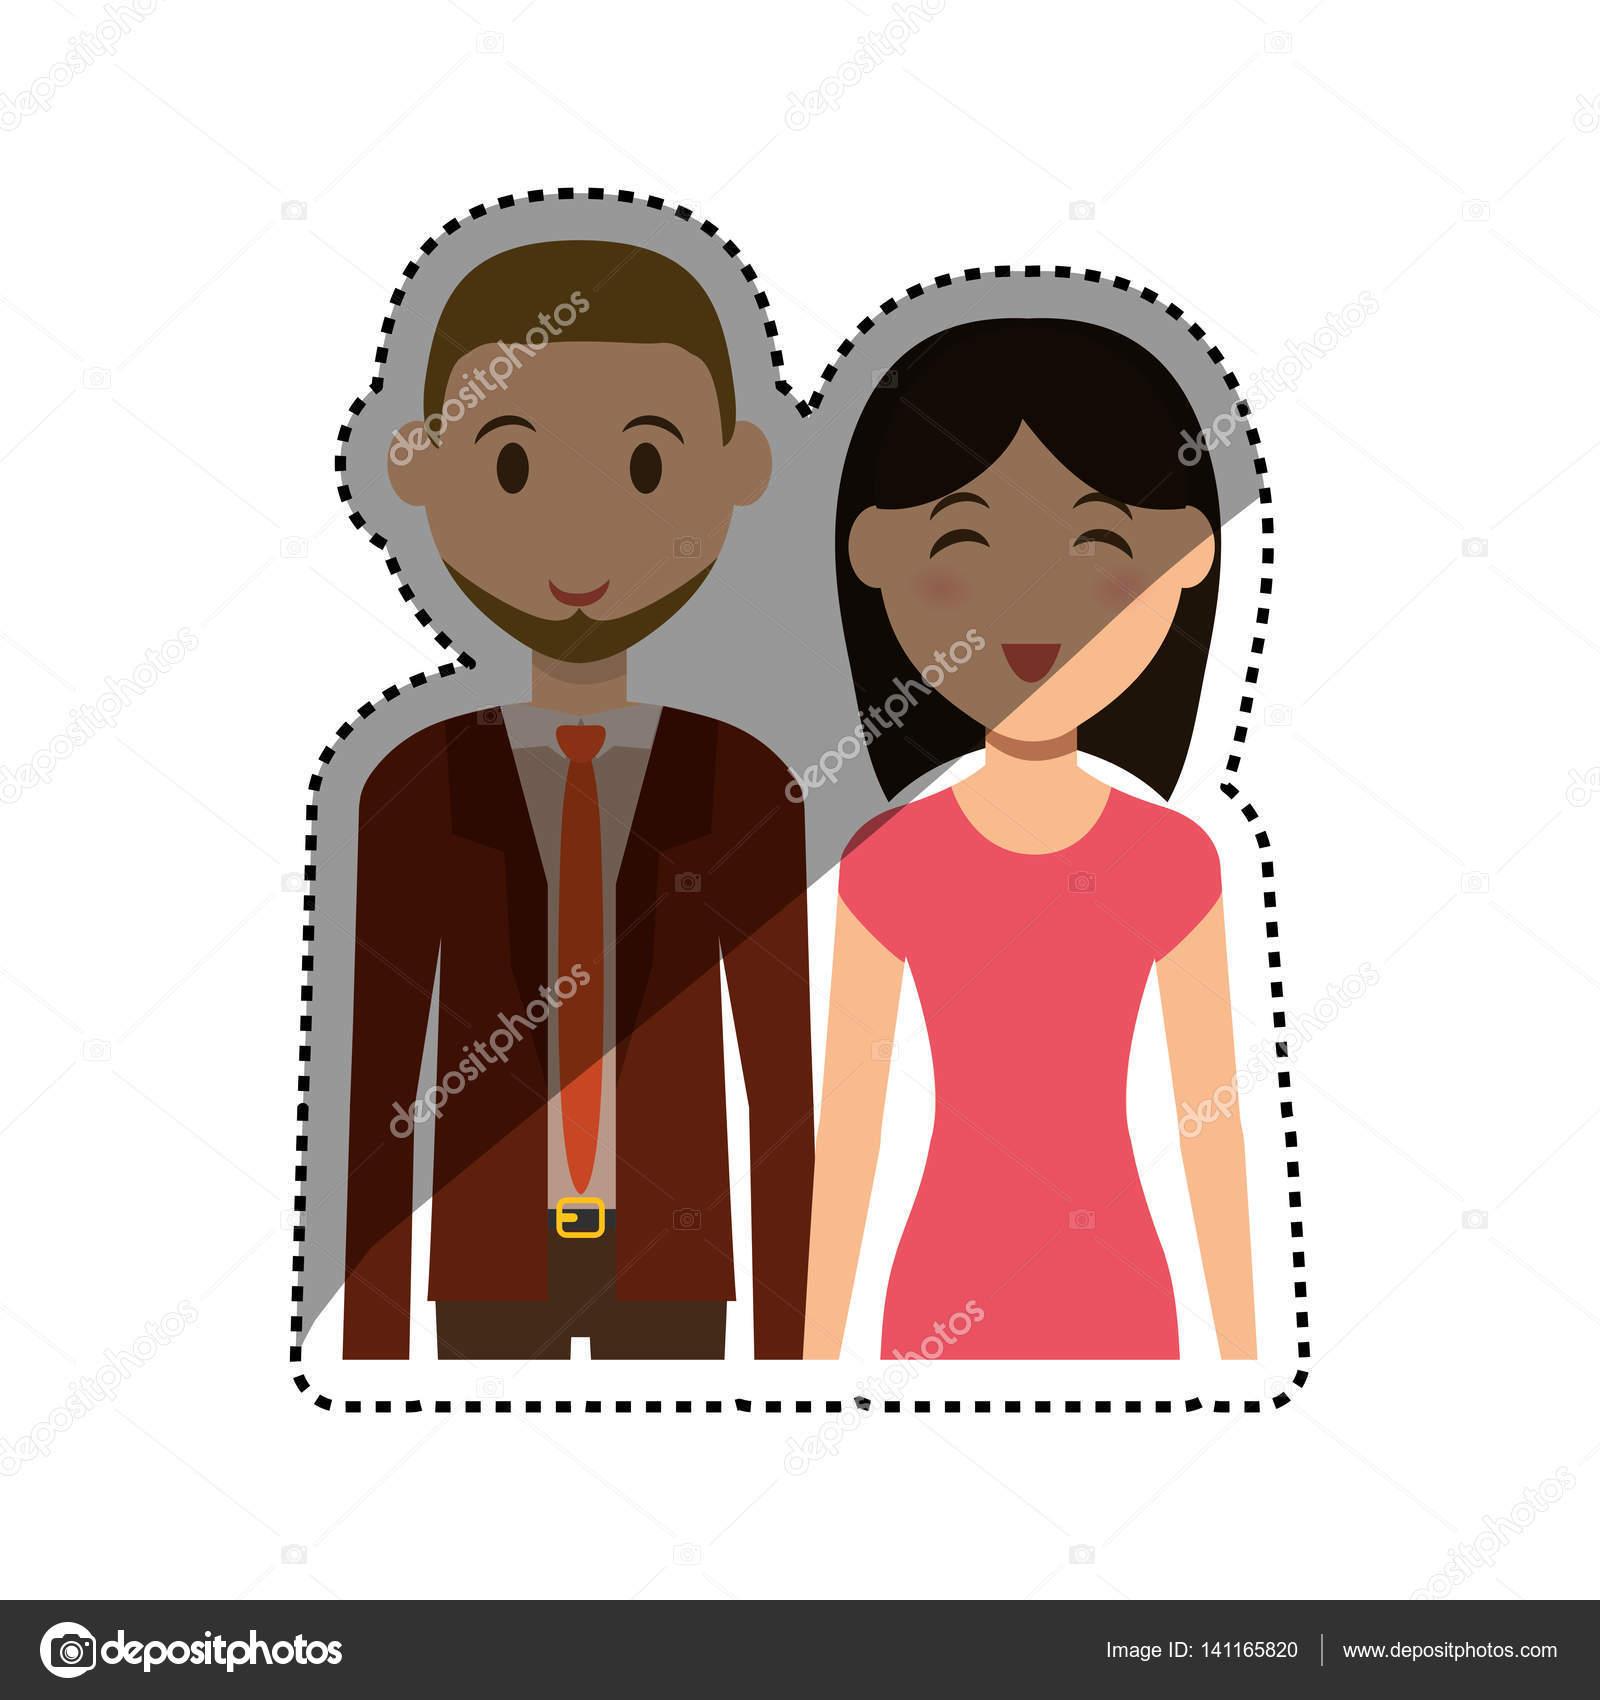 Dessin Anime Mignon Couple Image Vectorielle Djv C 141165820